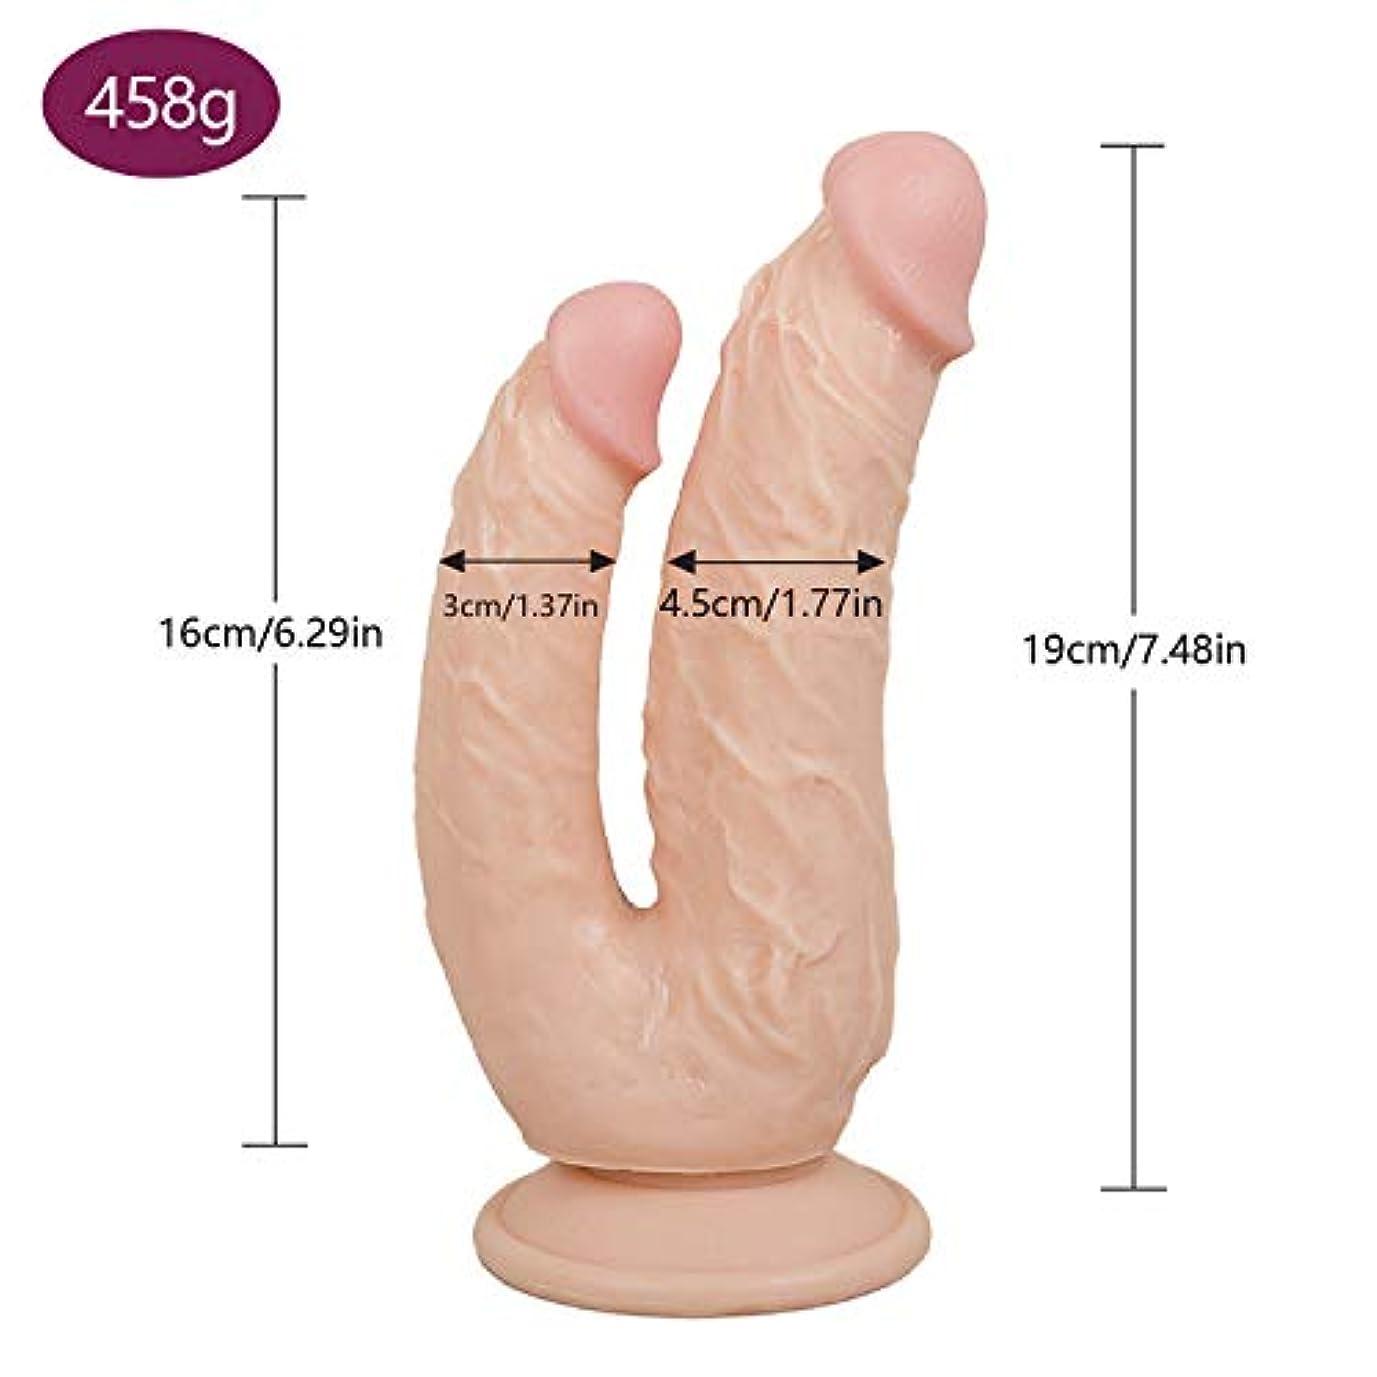 期限切れ消費する付録ペニス 8.46インチの個人的な両面の大きなおもちゃリアルフィールソフト柔軟なダブルヘッドマッサージ マッサージャー